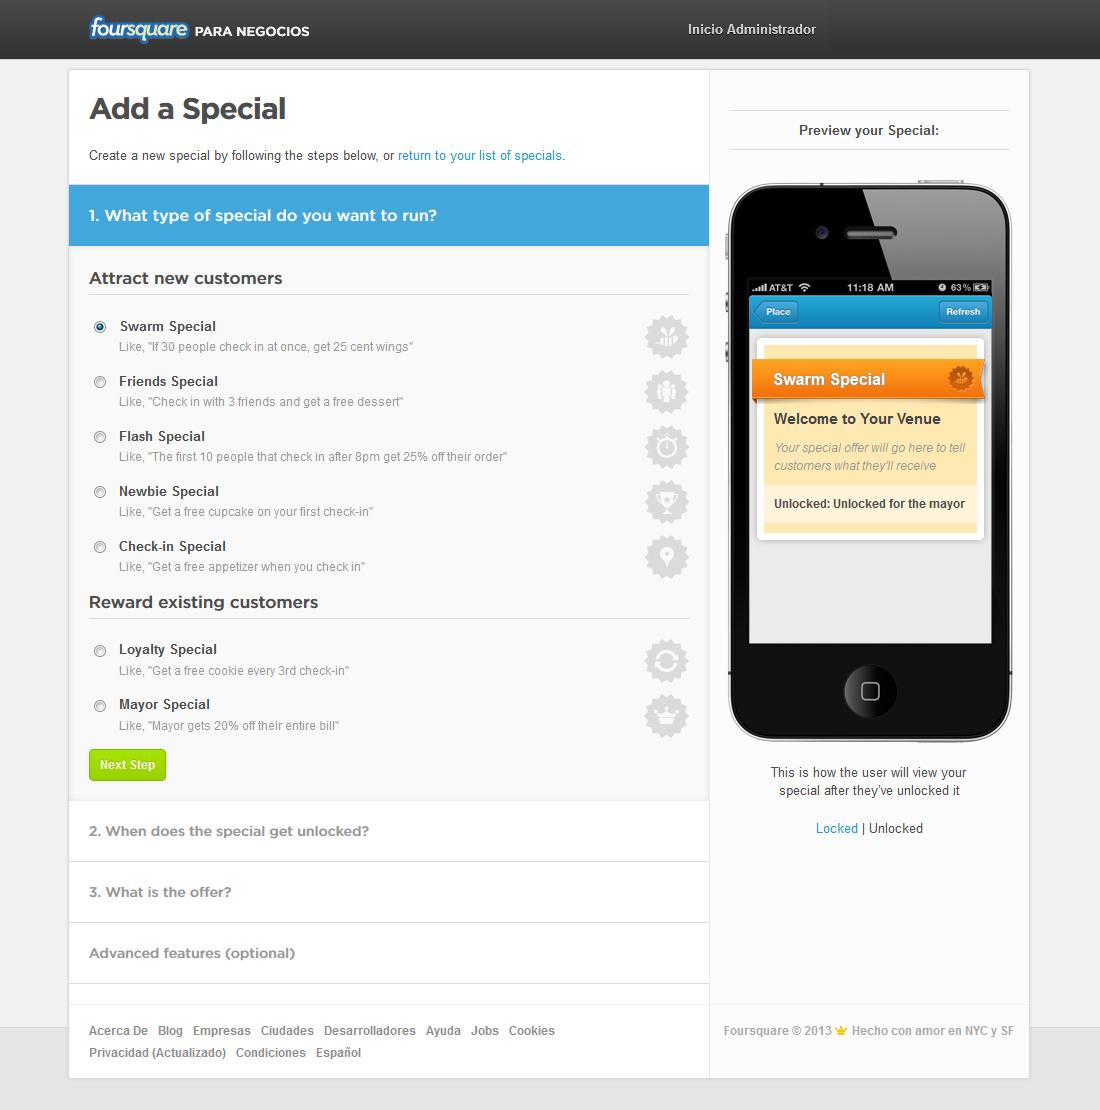 Foursquare - Añadir Promoción: tipos de promociones